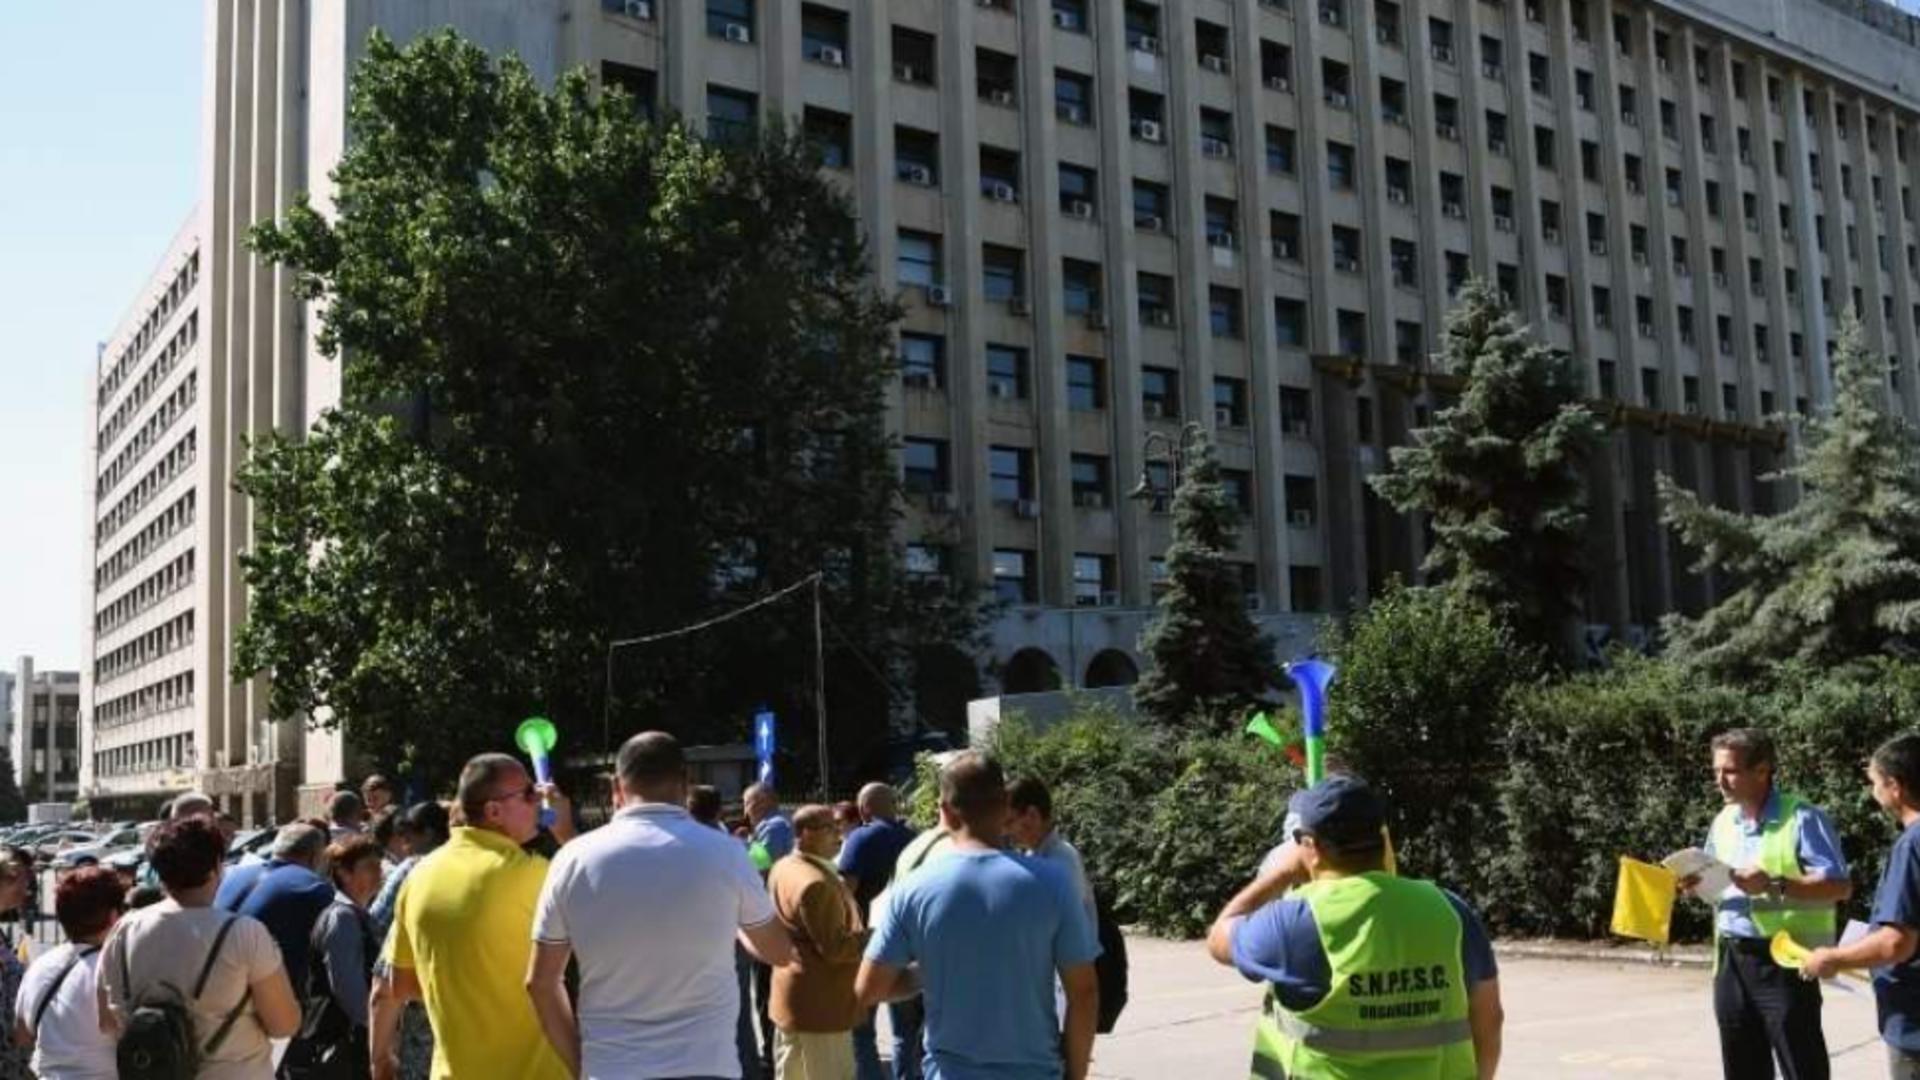 FEROVIARII din România, PROTEST în fața Ministerului Transporturilor în ziua moțiunii